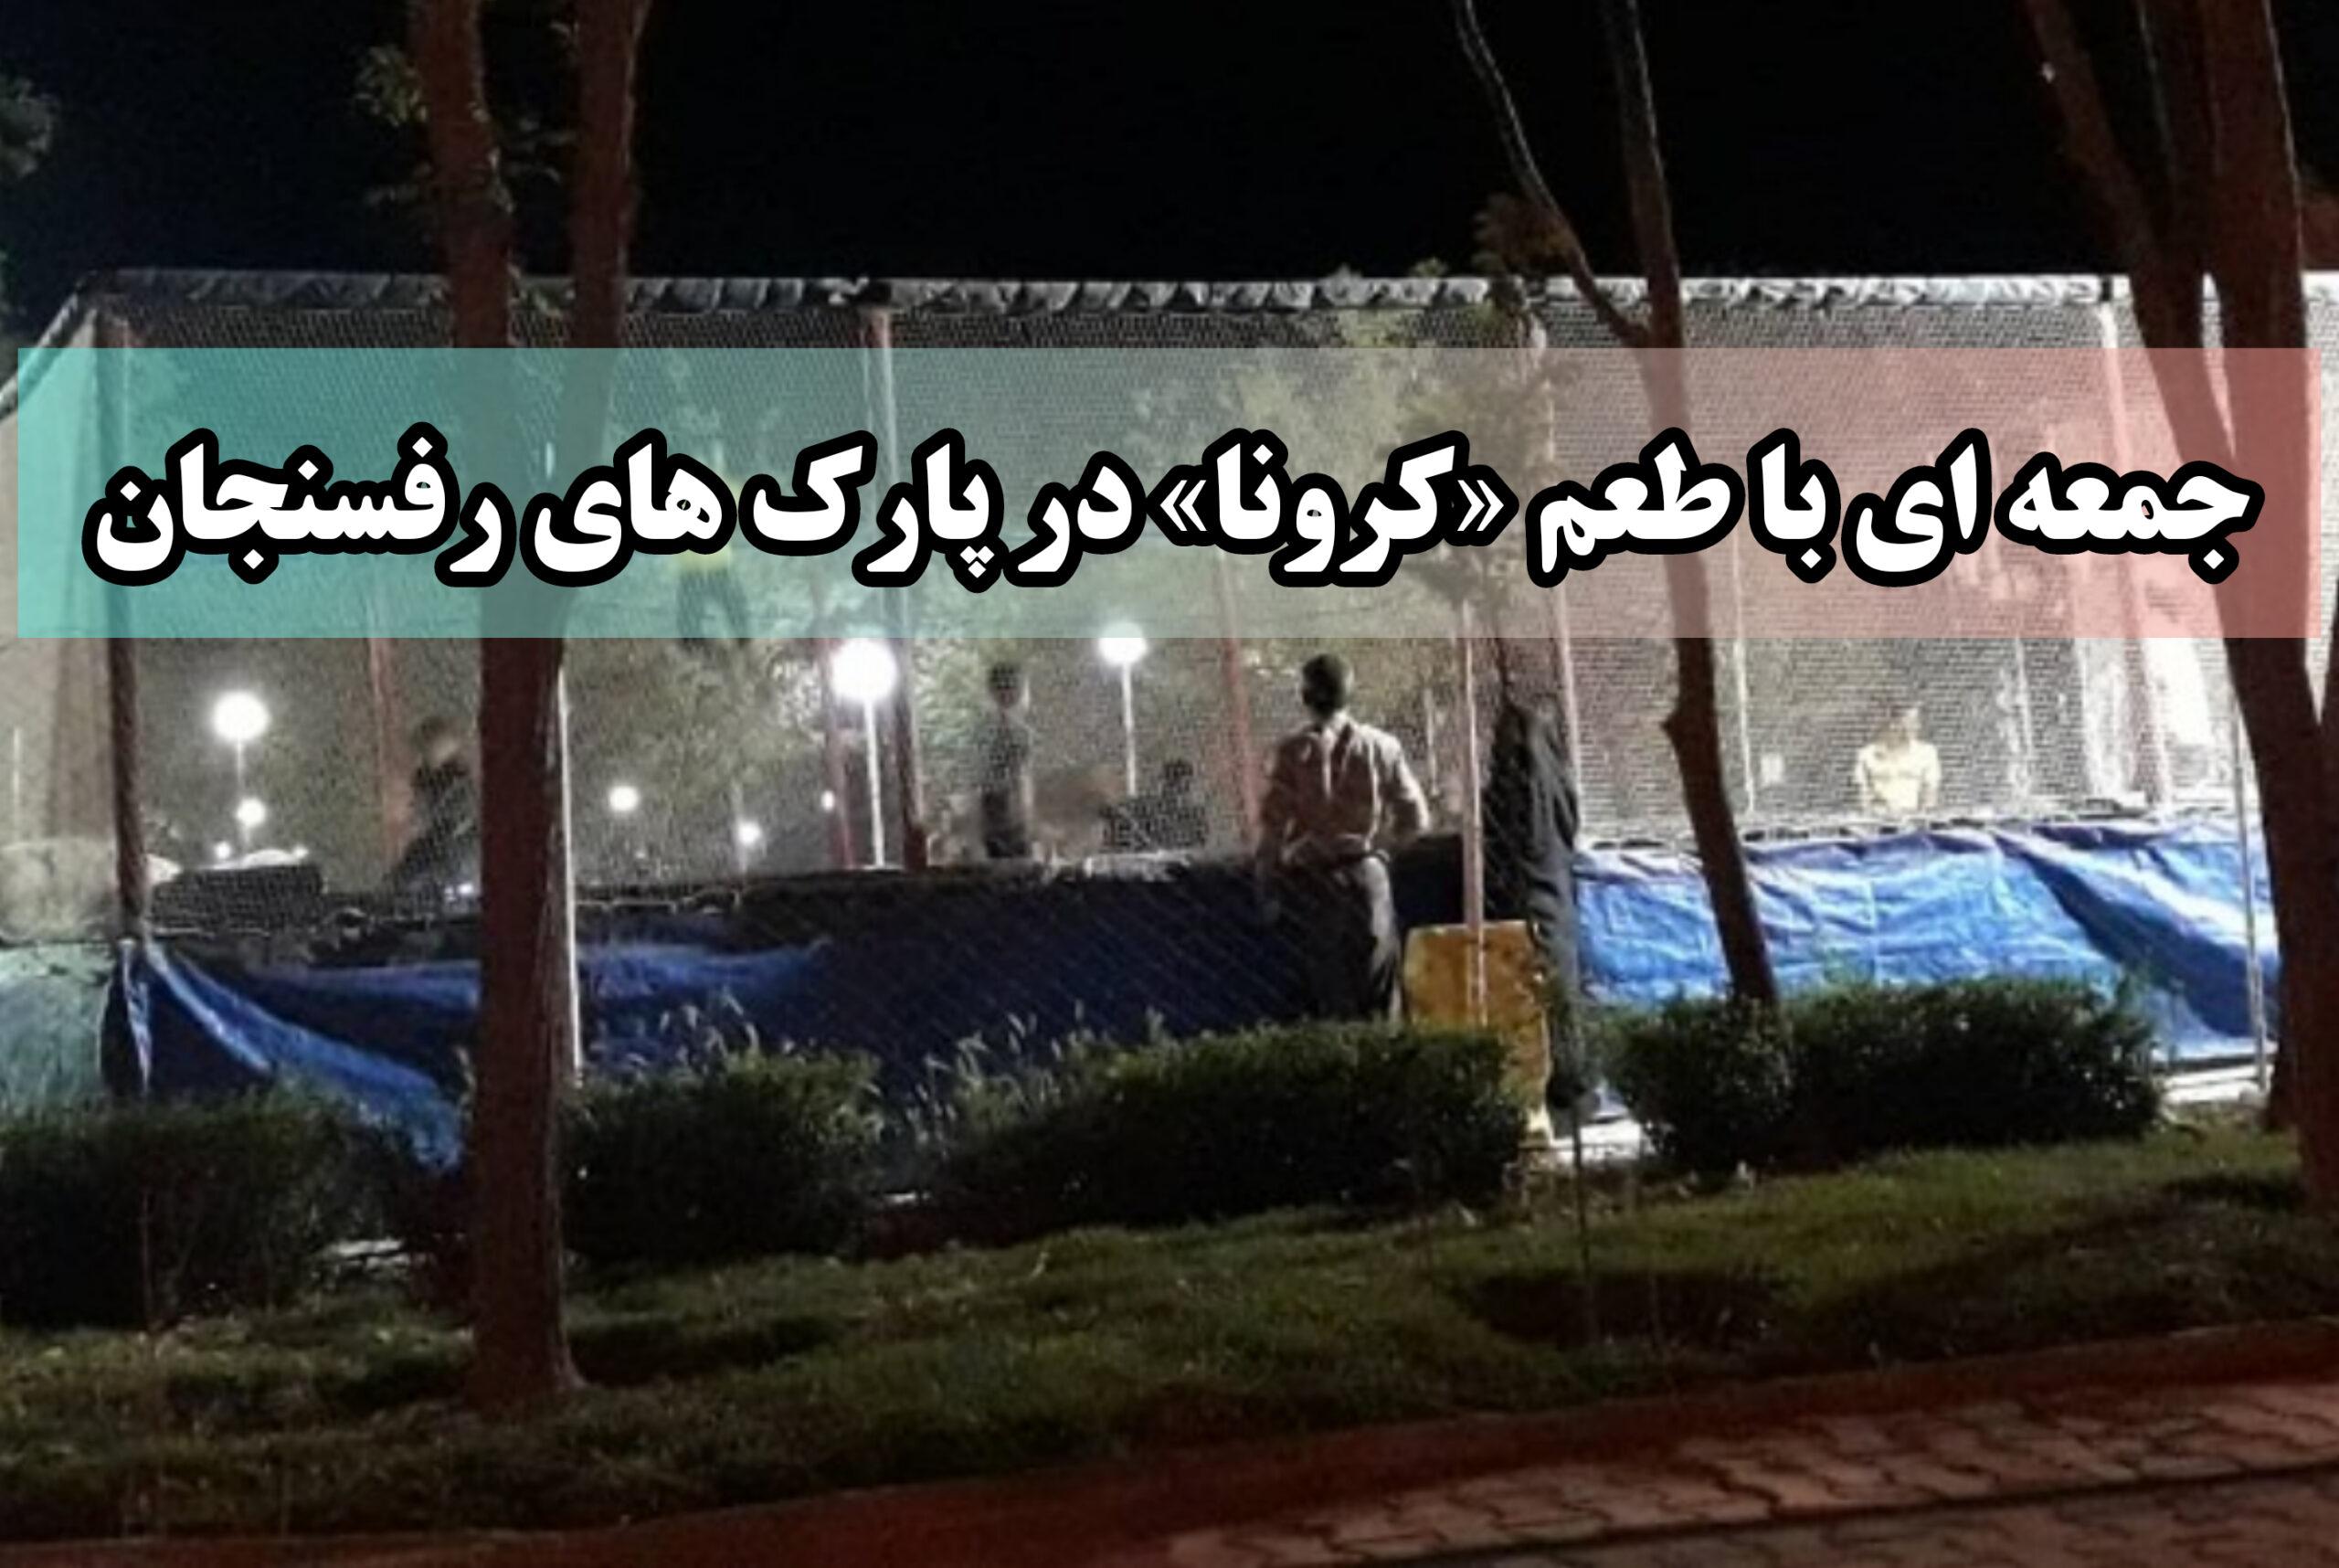 جمعه ای با طعم «کرونا» در پارک های رفسنجان